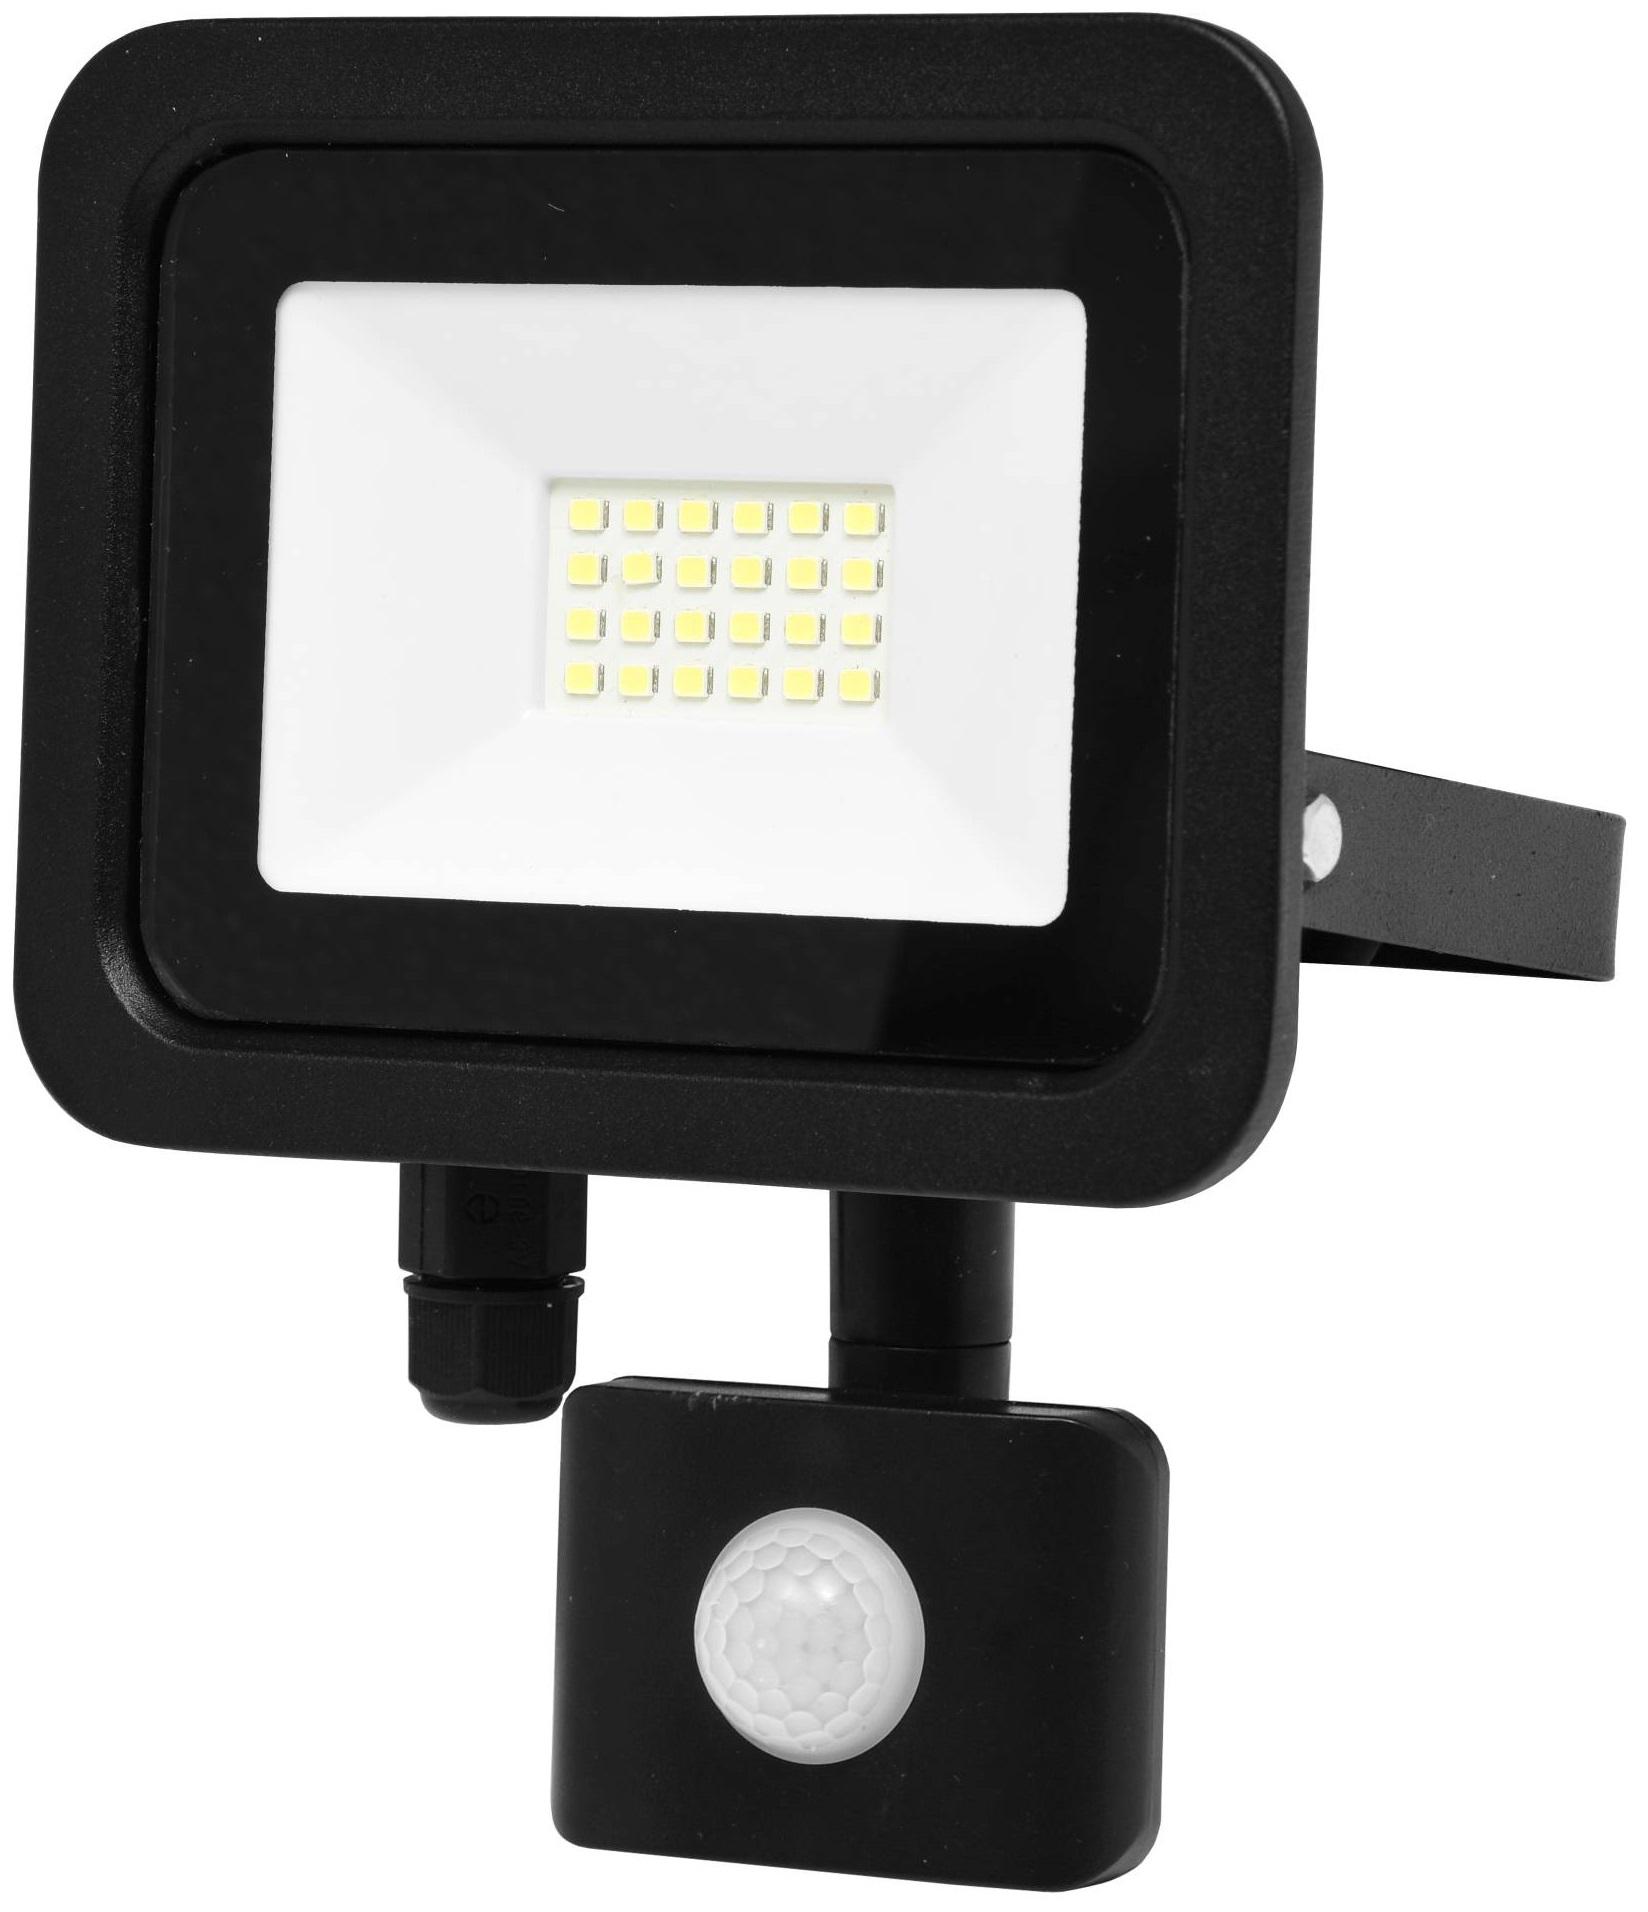 Ecolite Čierny LED reflektor 20W s pohybovym čidlom RLEDF48WL-20W/PIR